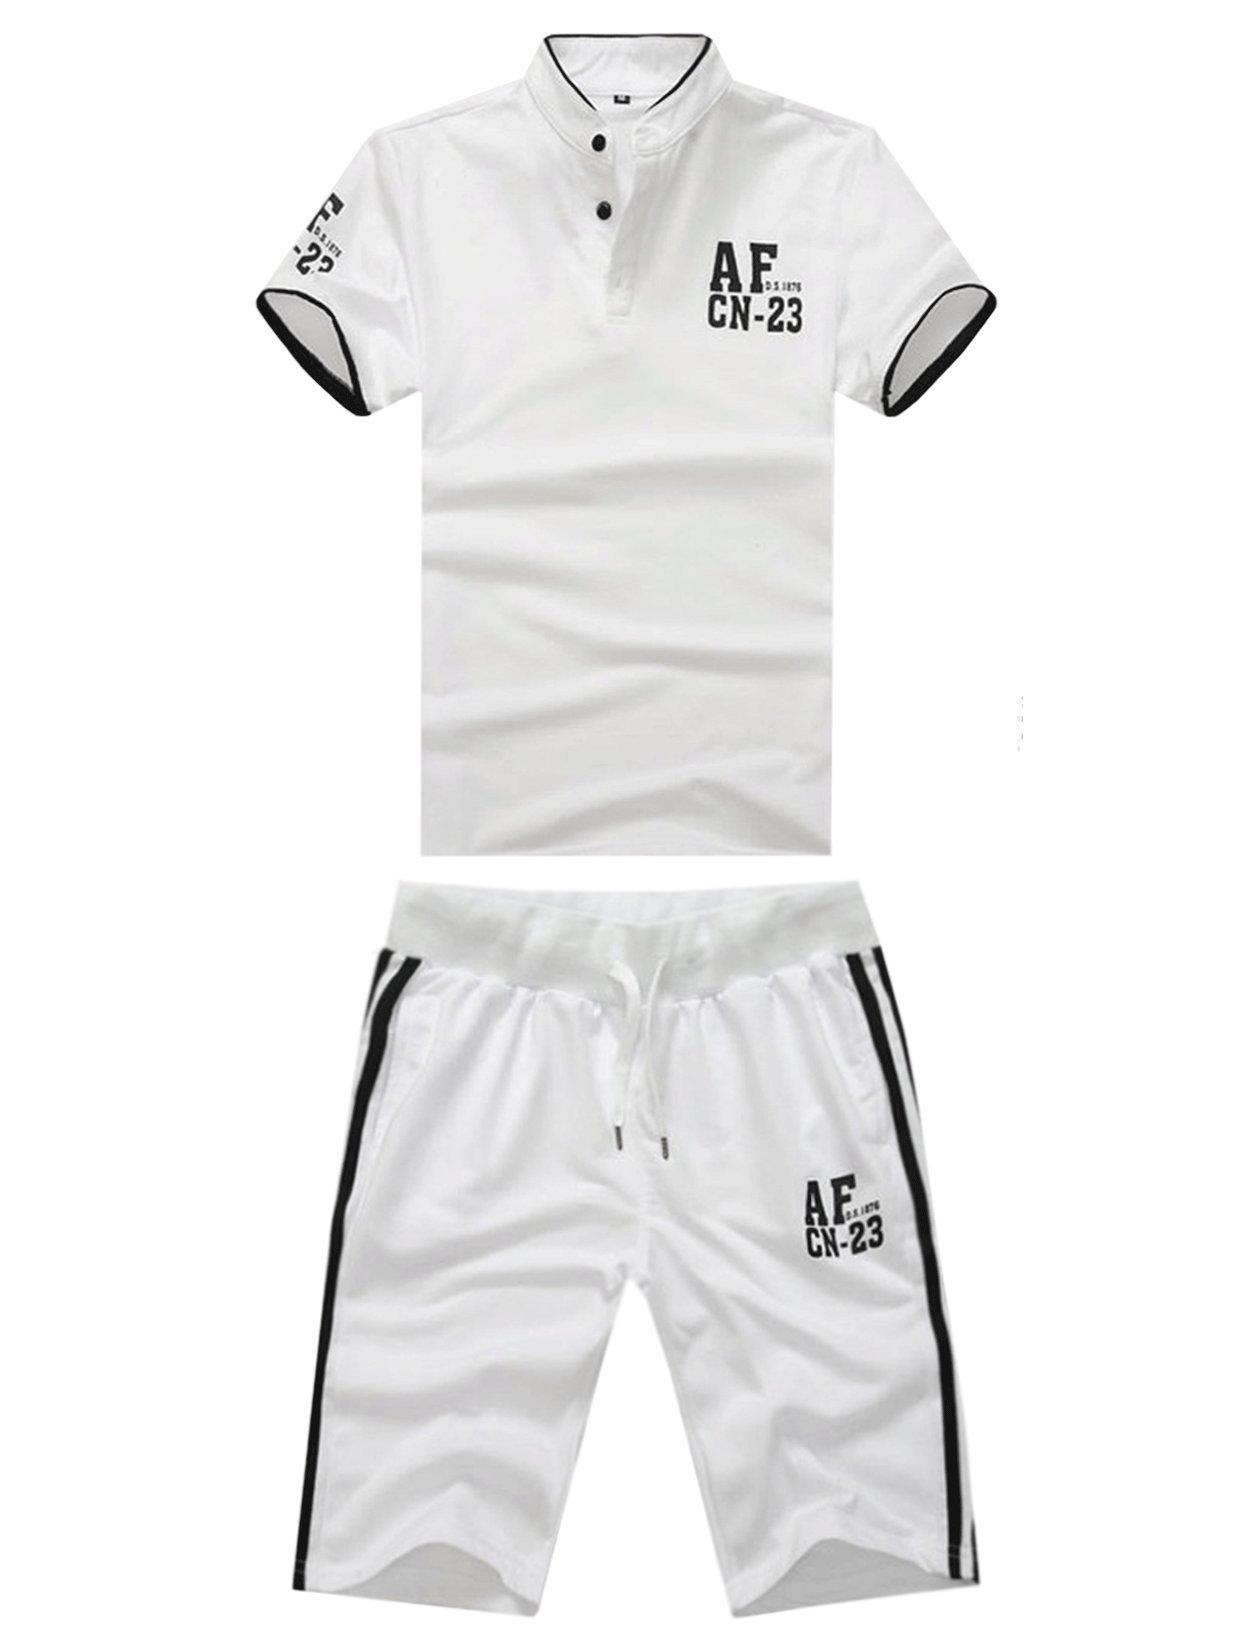 Unomatch Boys Tennis Clothing Short Sleeve T-shirt with Raid Shorts (Large, White)